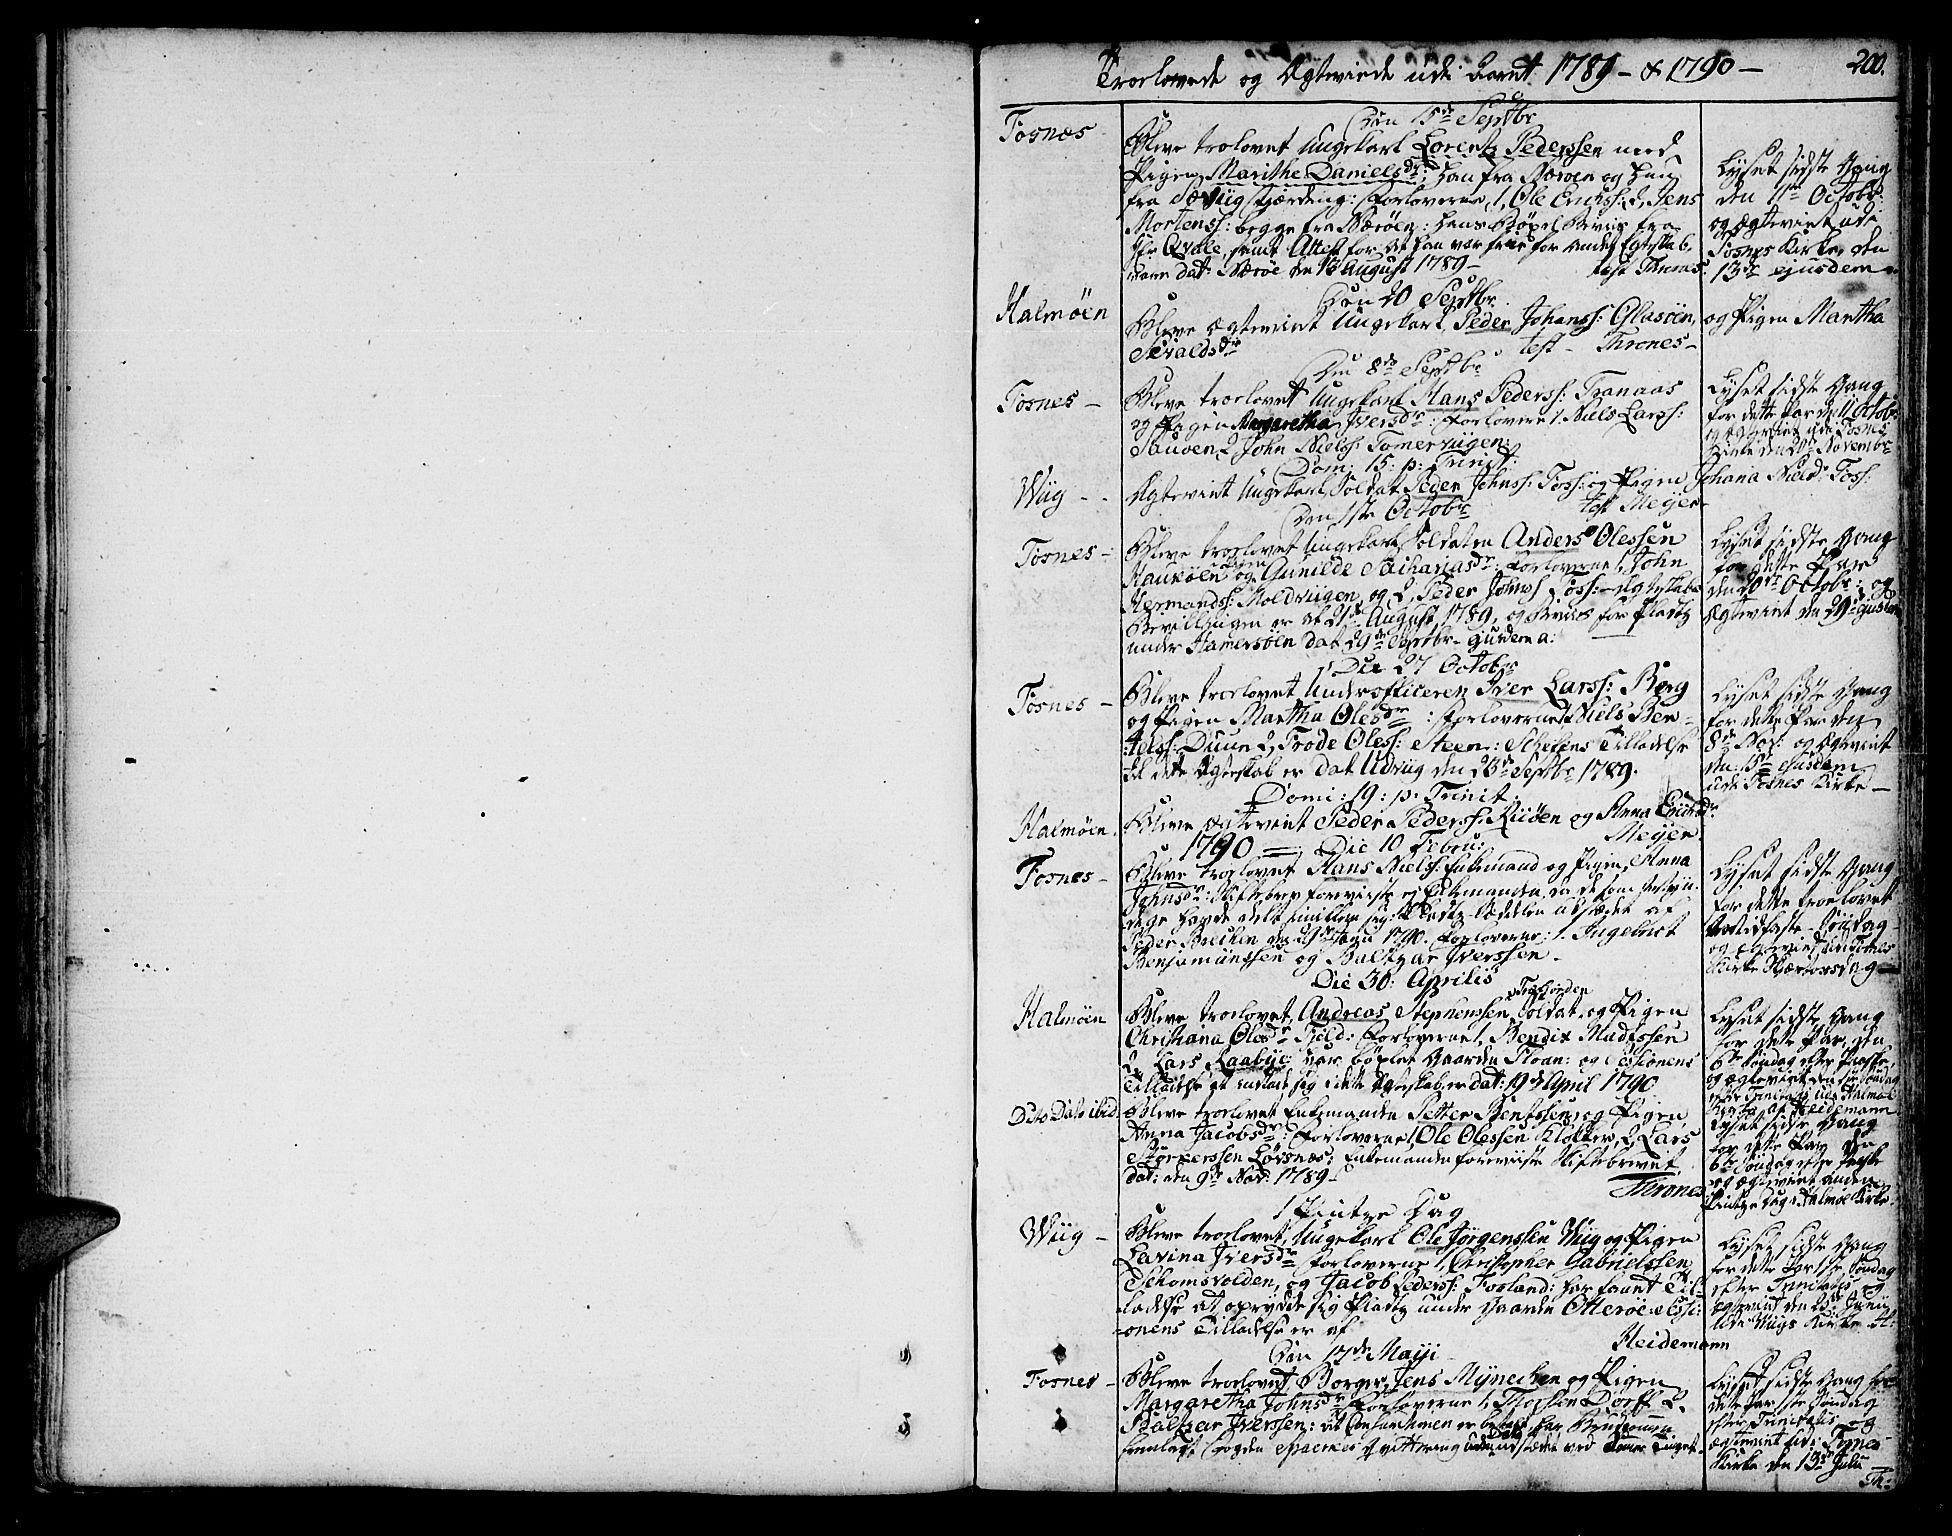 SAT, Ministerialprotokoller, klokkerbøker og fødselsregistre - Nord-Trøndelag, 773/L0608: Ministerialbok nr. 773A02, 1784-1816, s. 200